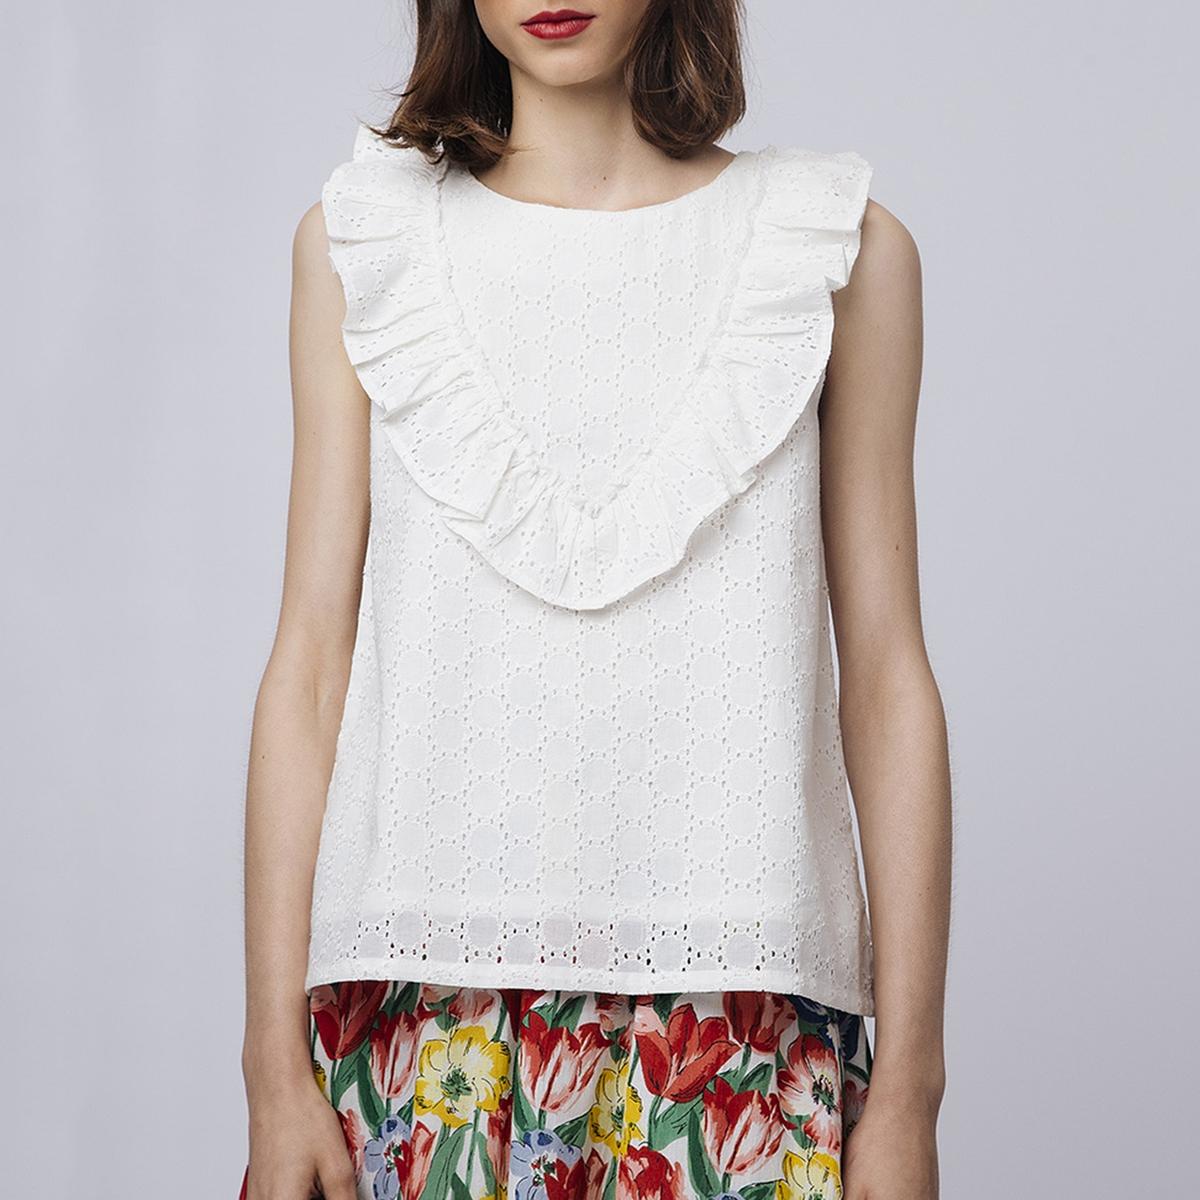 Блузка La Redoute С вышивкой воланом и круглым вырезом без рукавов S белый